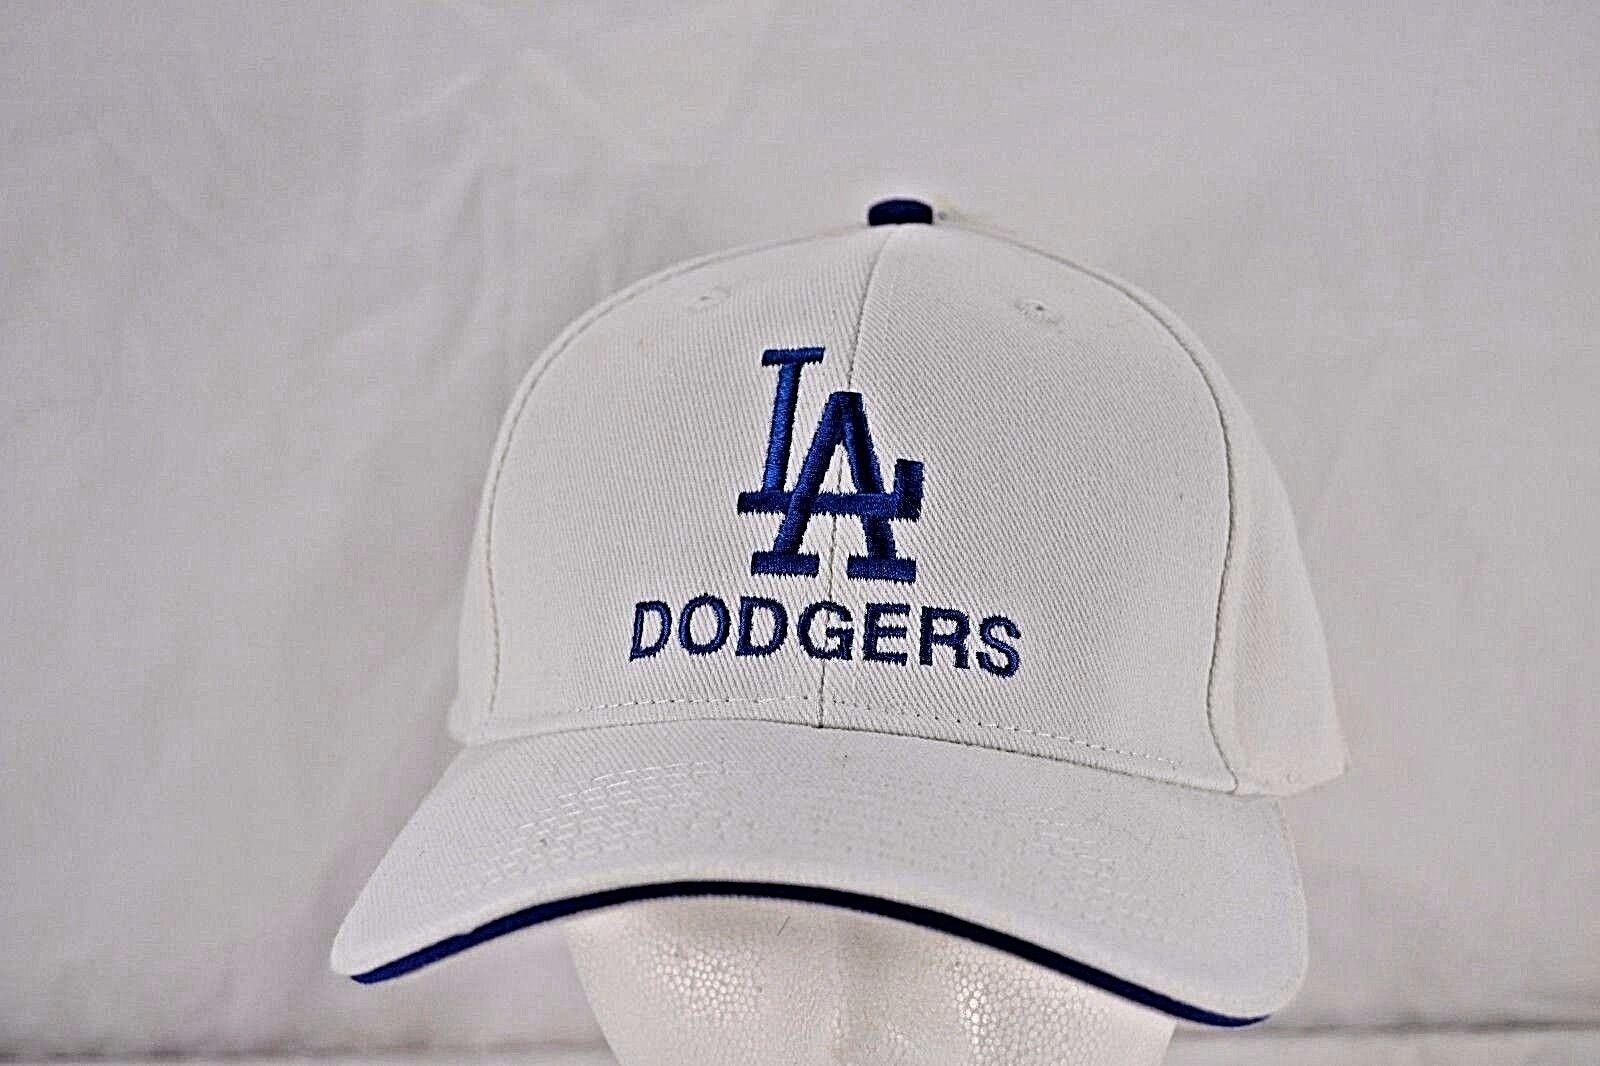 LA Dodgers  White Baseball Cap Adjustable  Dodgers NWT d14a6d